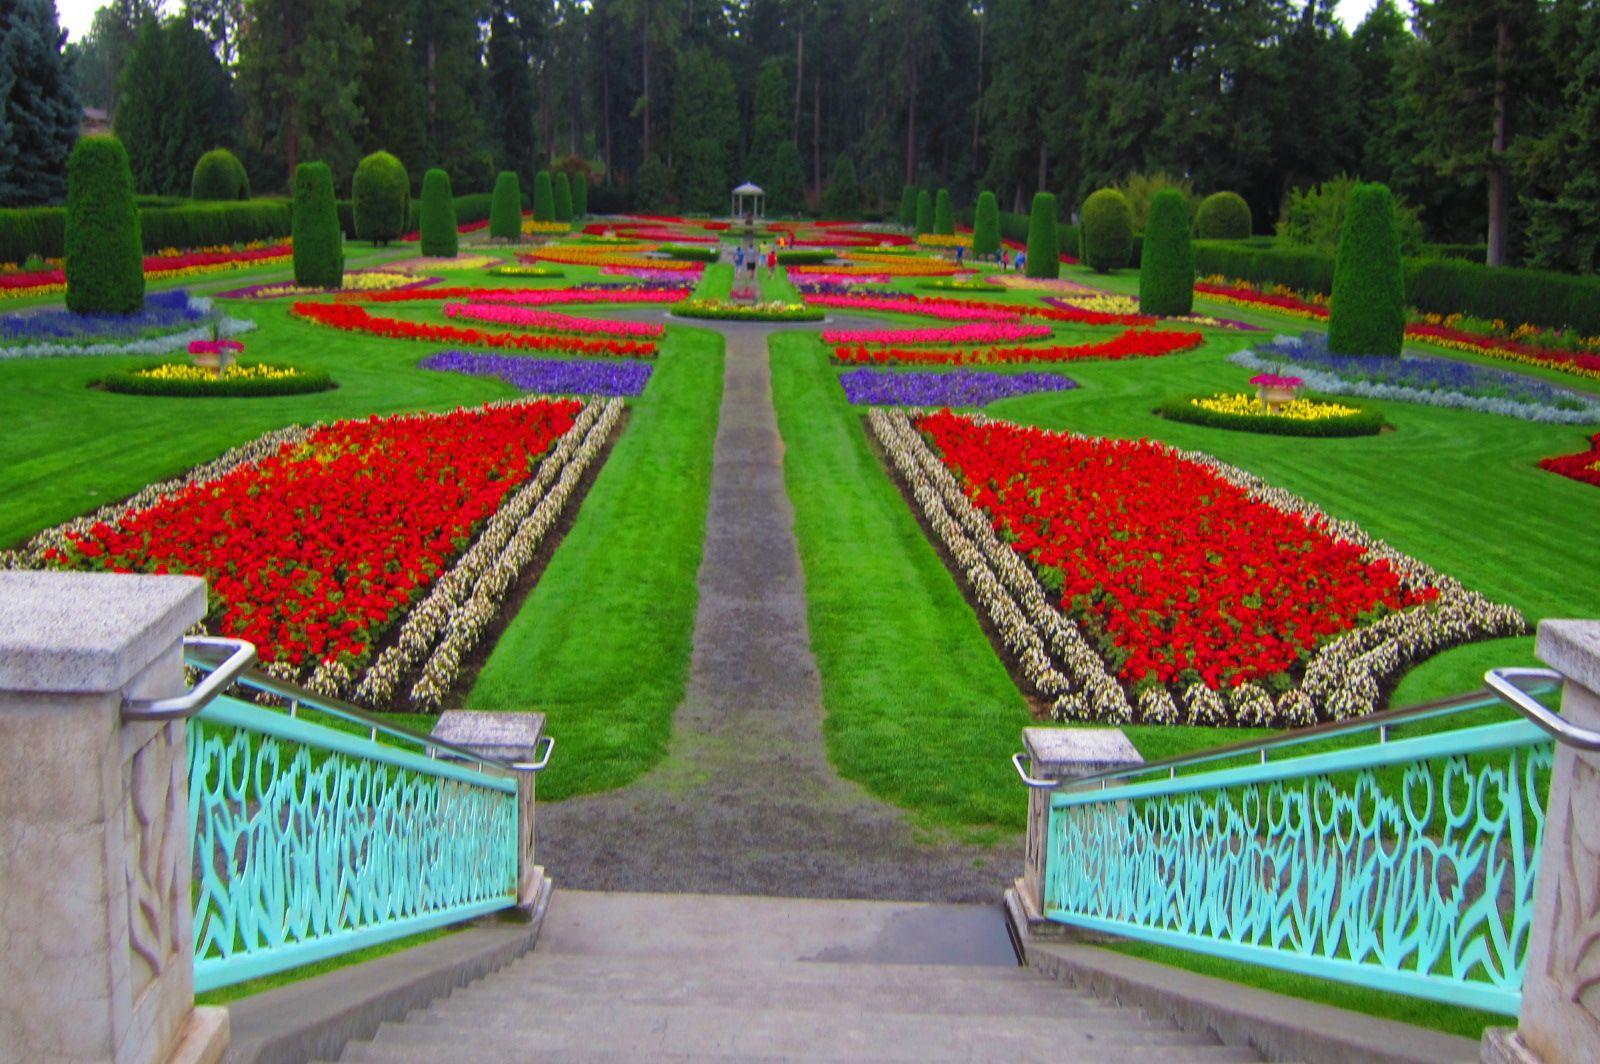 Manito Park Spokane Wa What I See Wa State Pacific